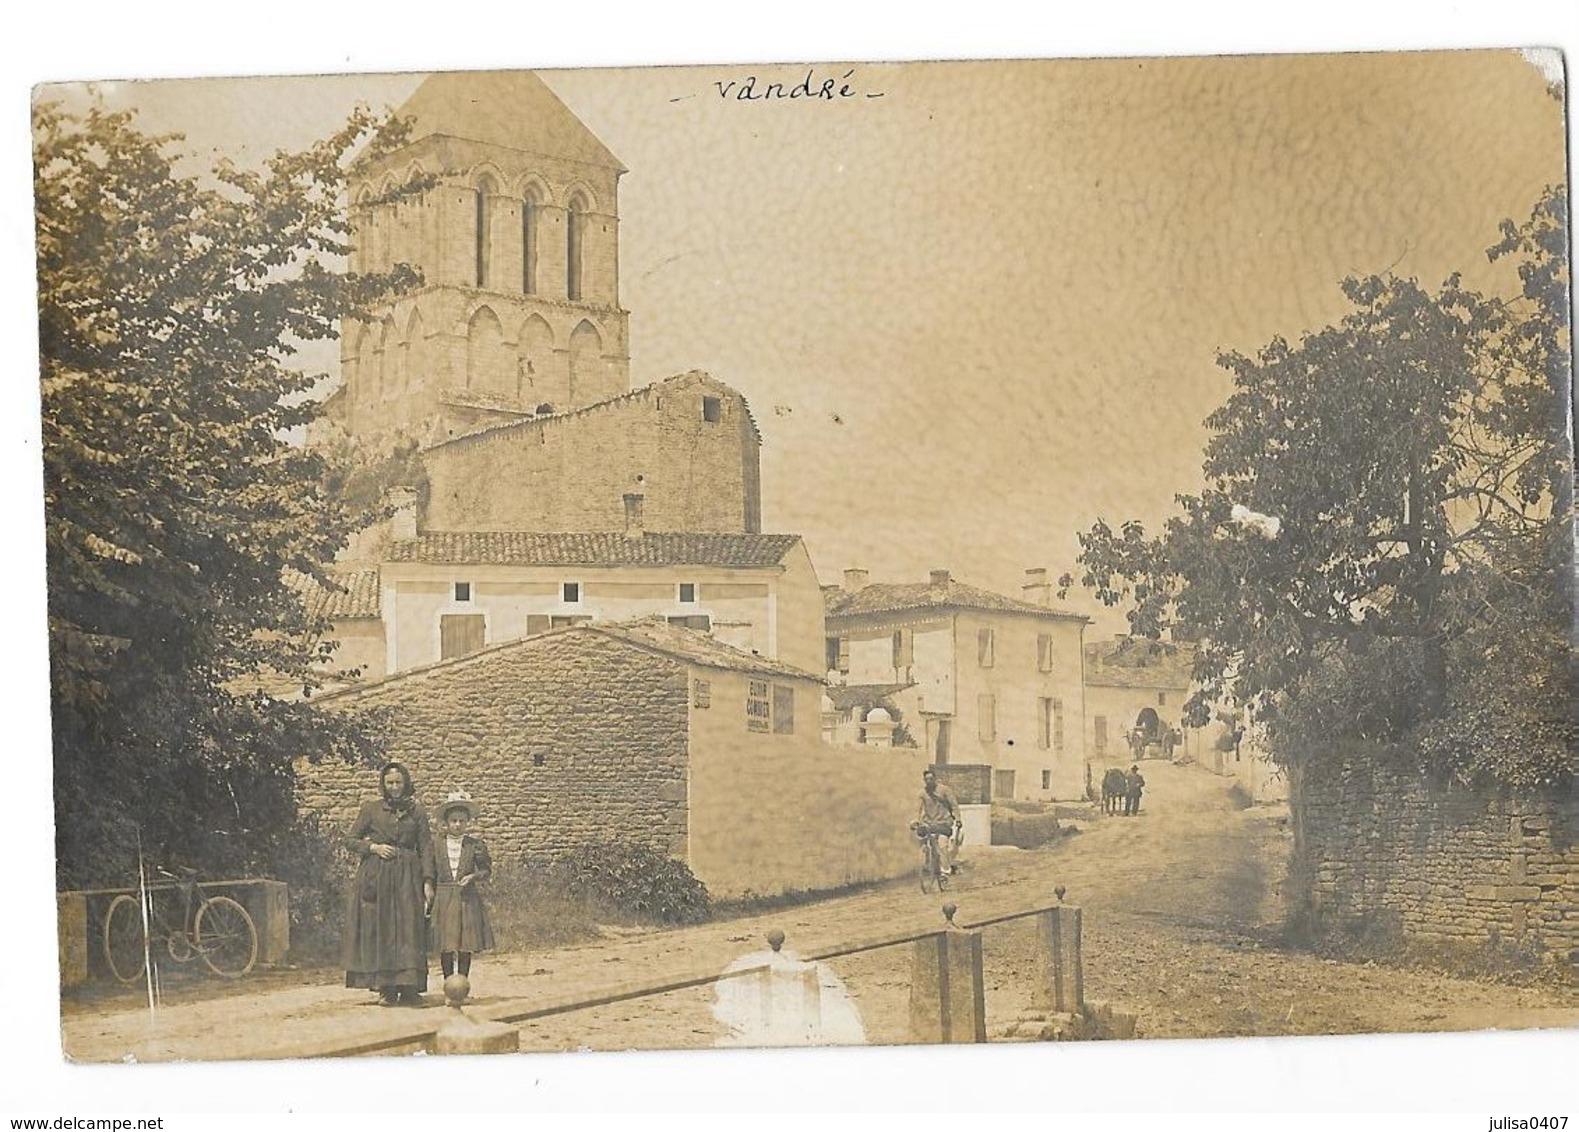 VANDRE (17) Carte Photo église Animation - Autres Communes